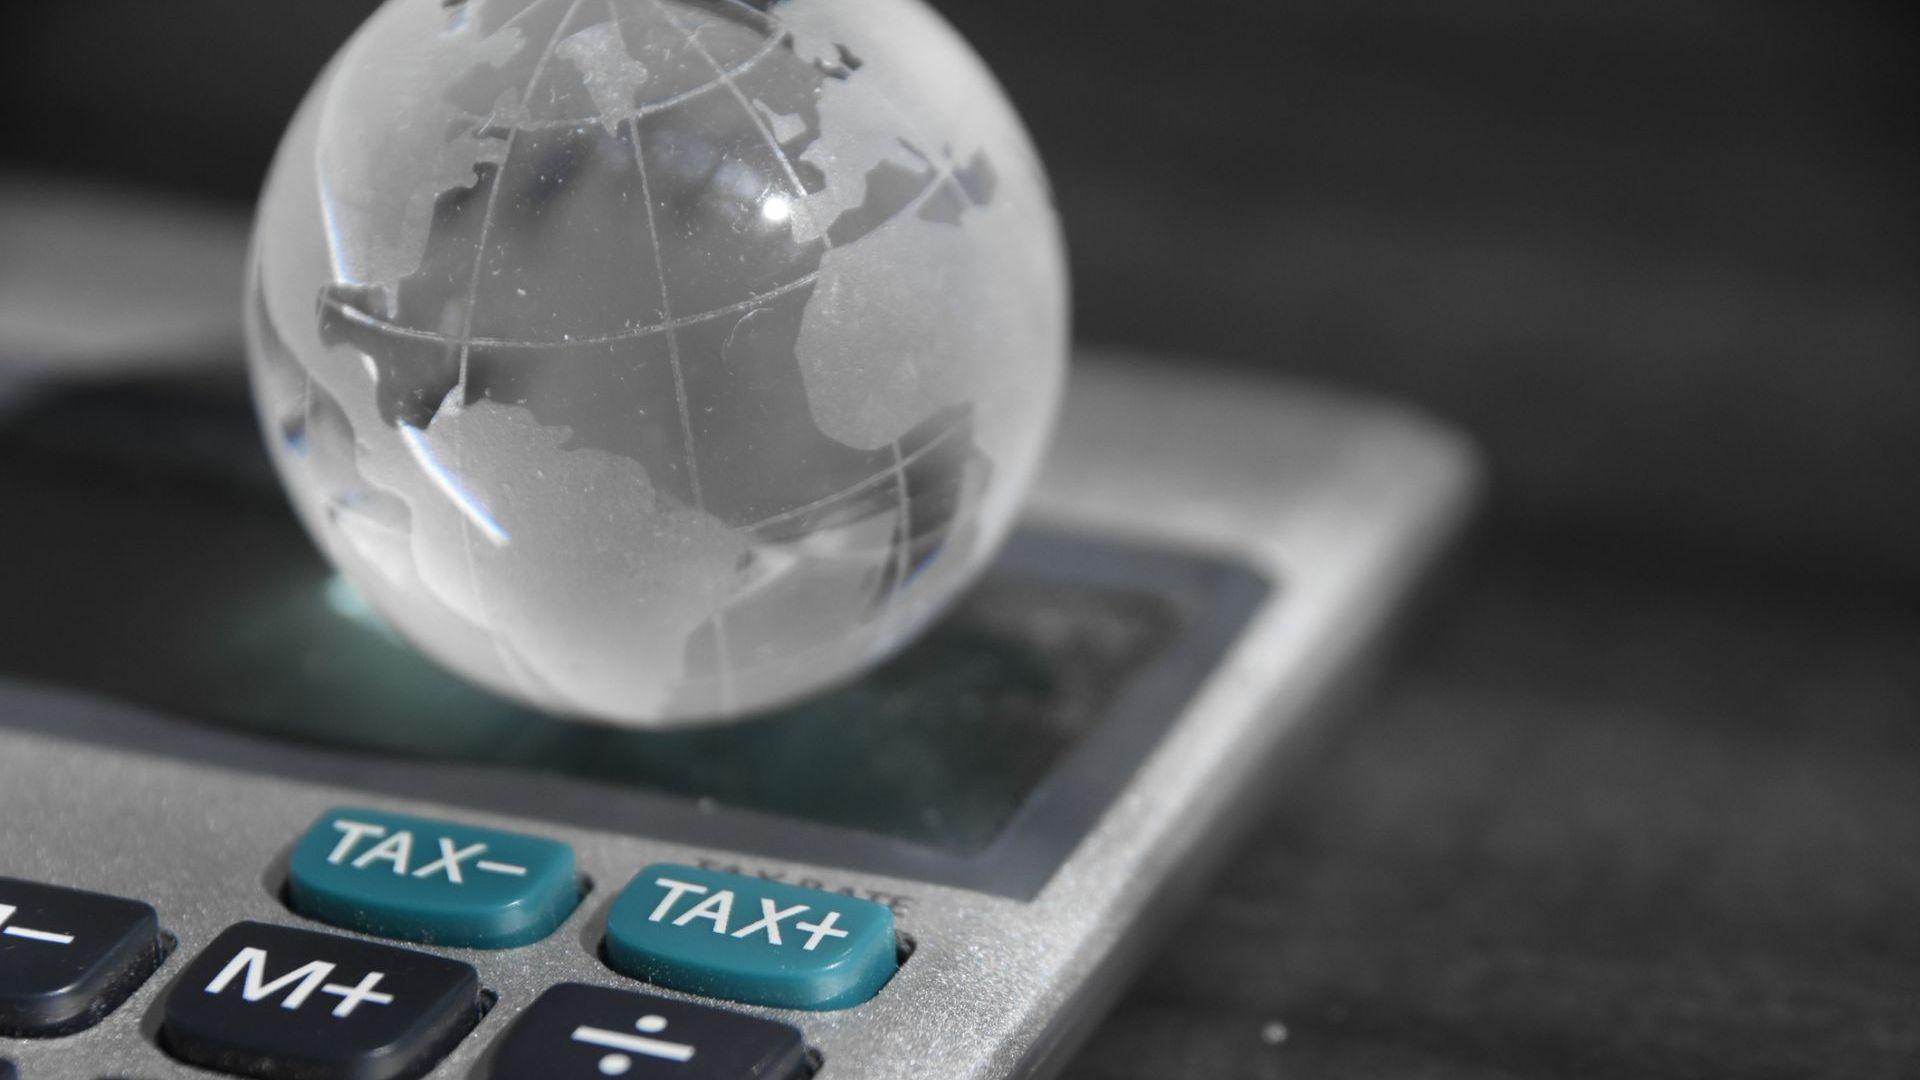 136 държави се разбраха да налагат минимум 15% данък на корпорациите